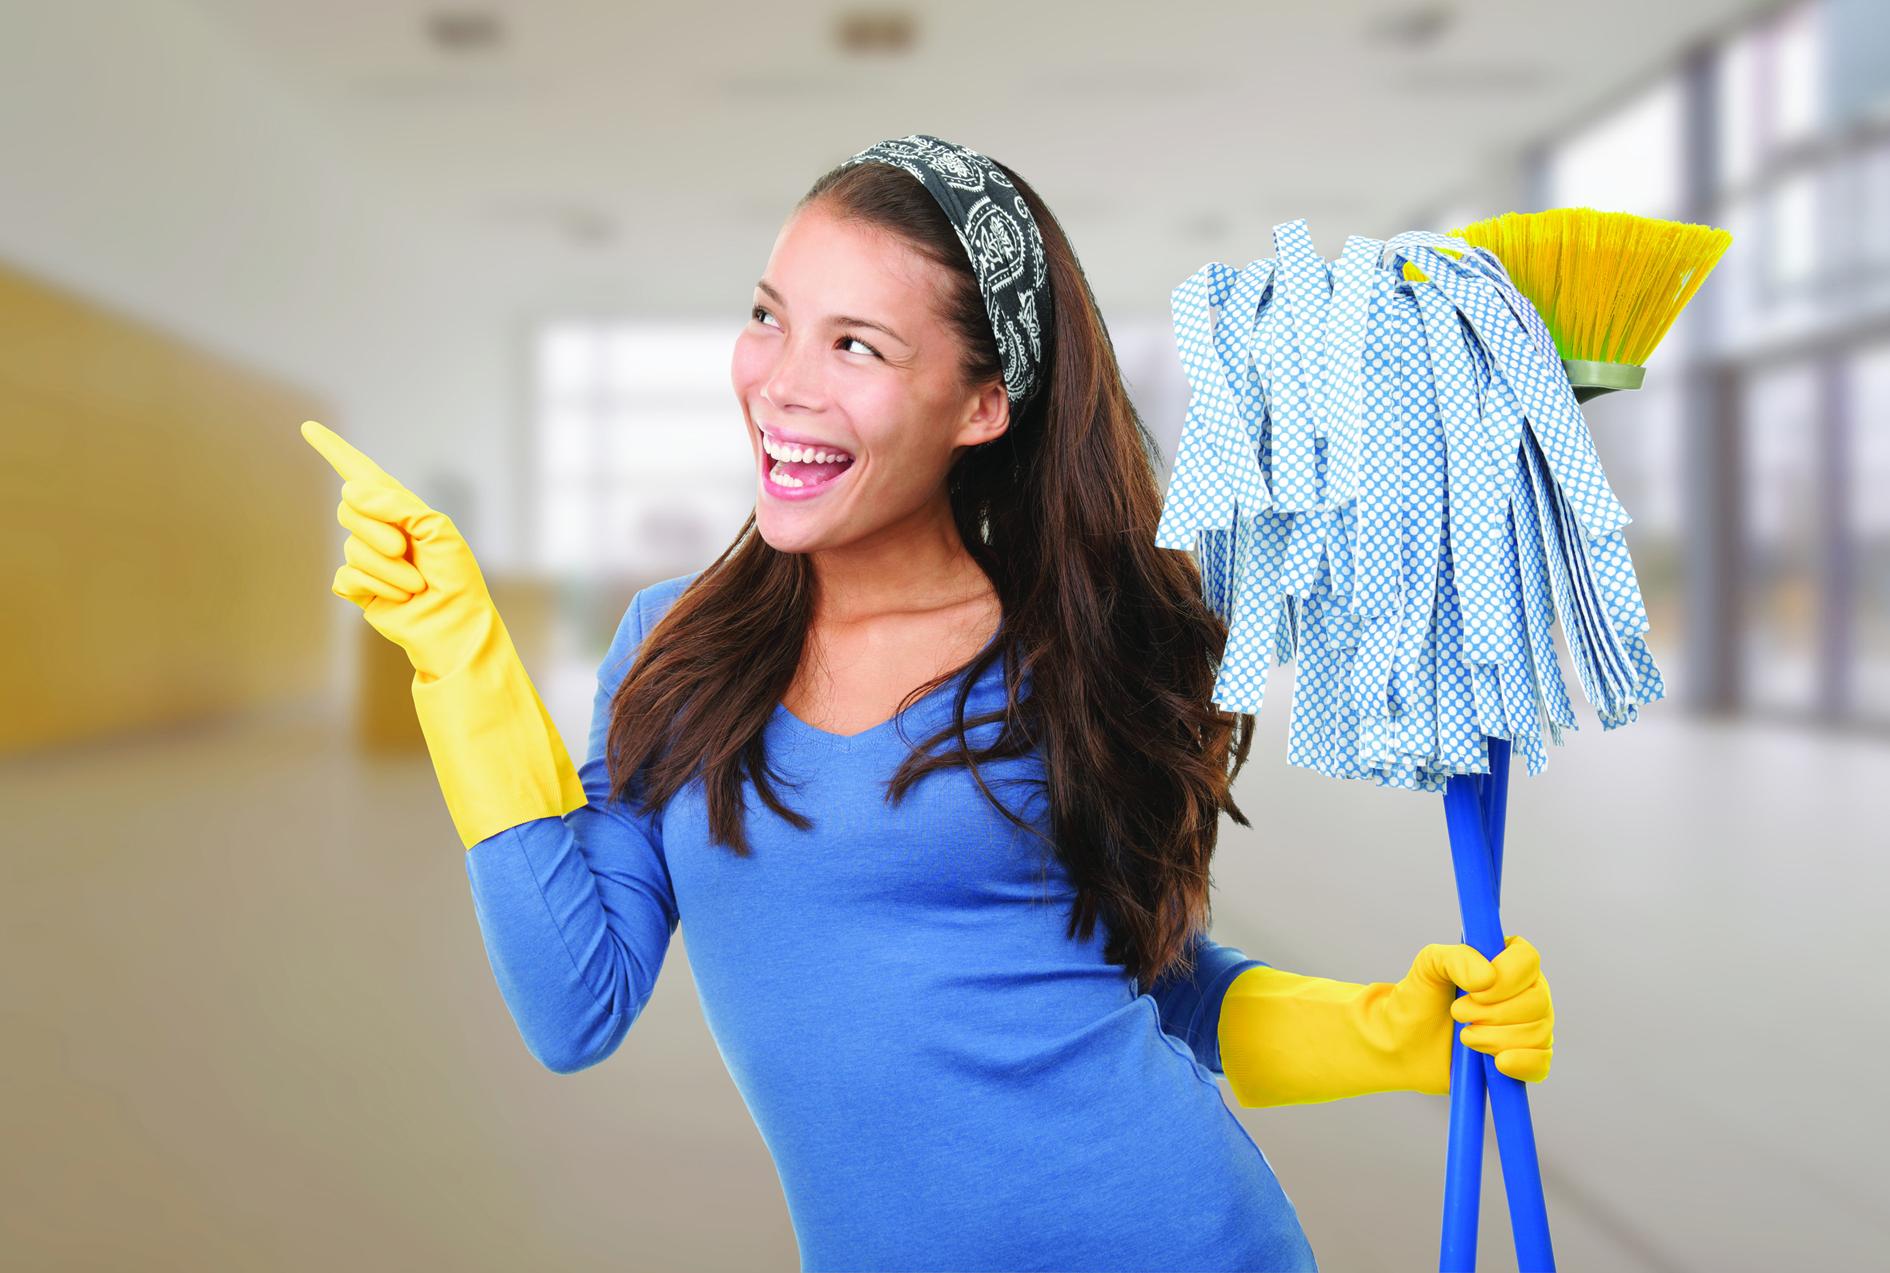 Vrouw met schoonmaakspullen